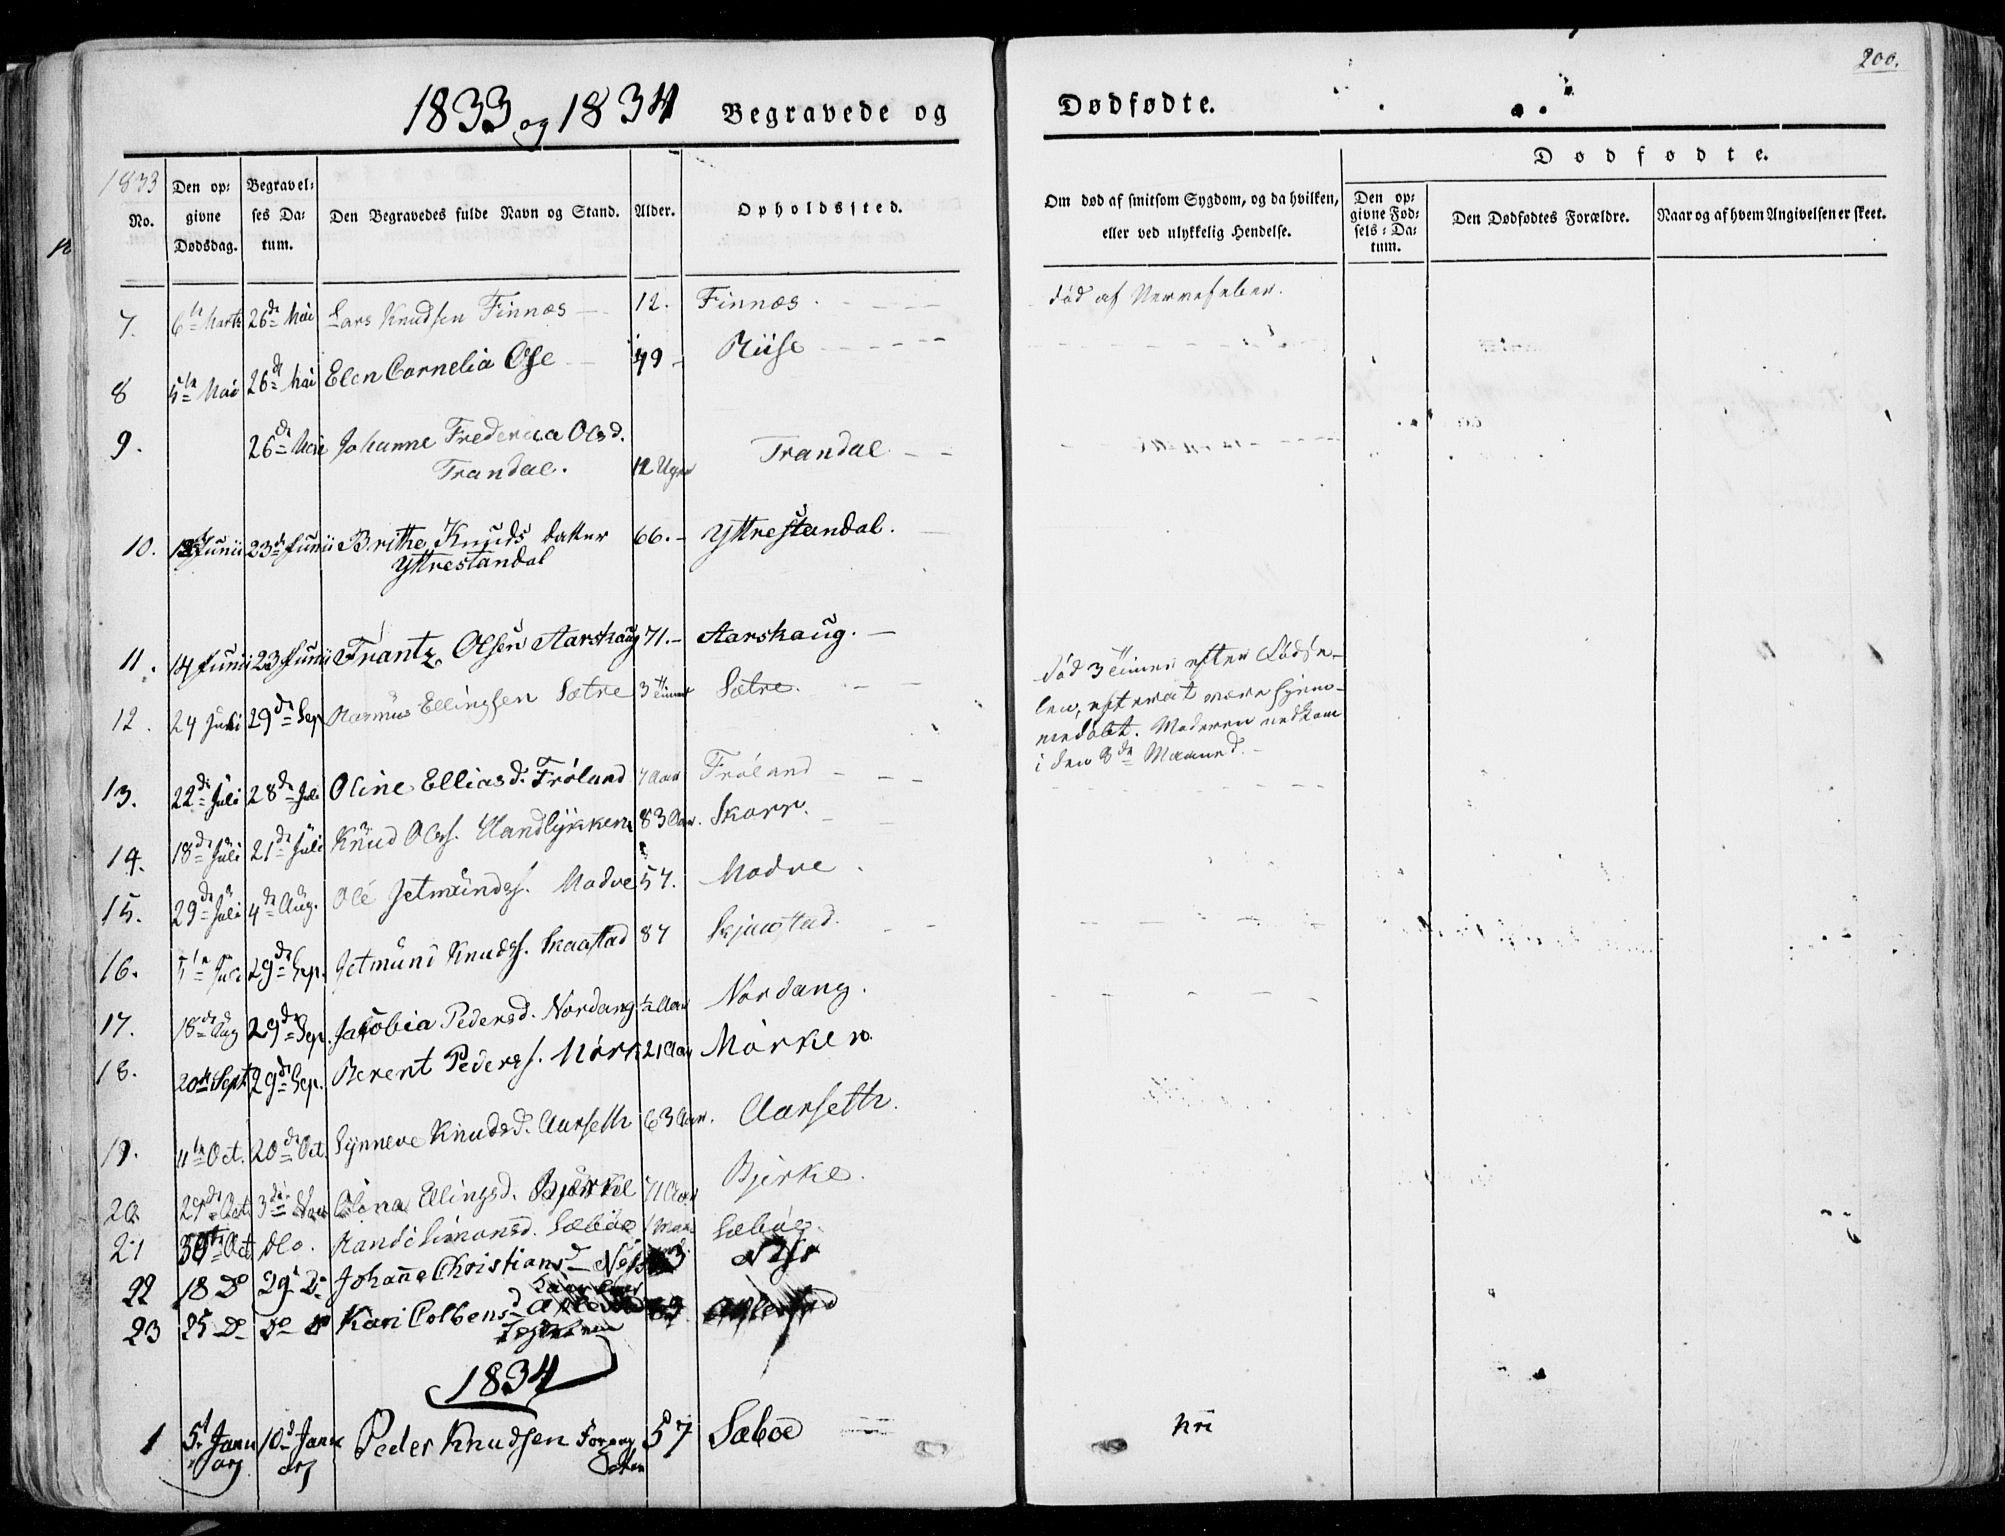 SAT, Ministerialprotokoller, klokkerbøker og fødselsregistre - Møre og Romsdal, 515/L0208: Ministerialbok nr. 515A04, 1830-1846, s. 200